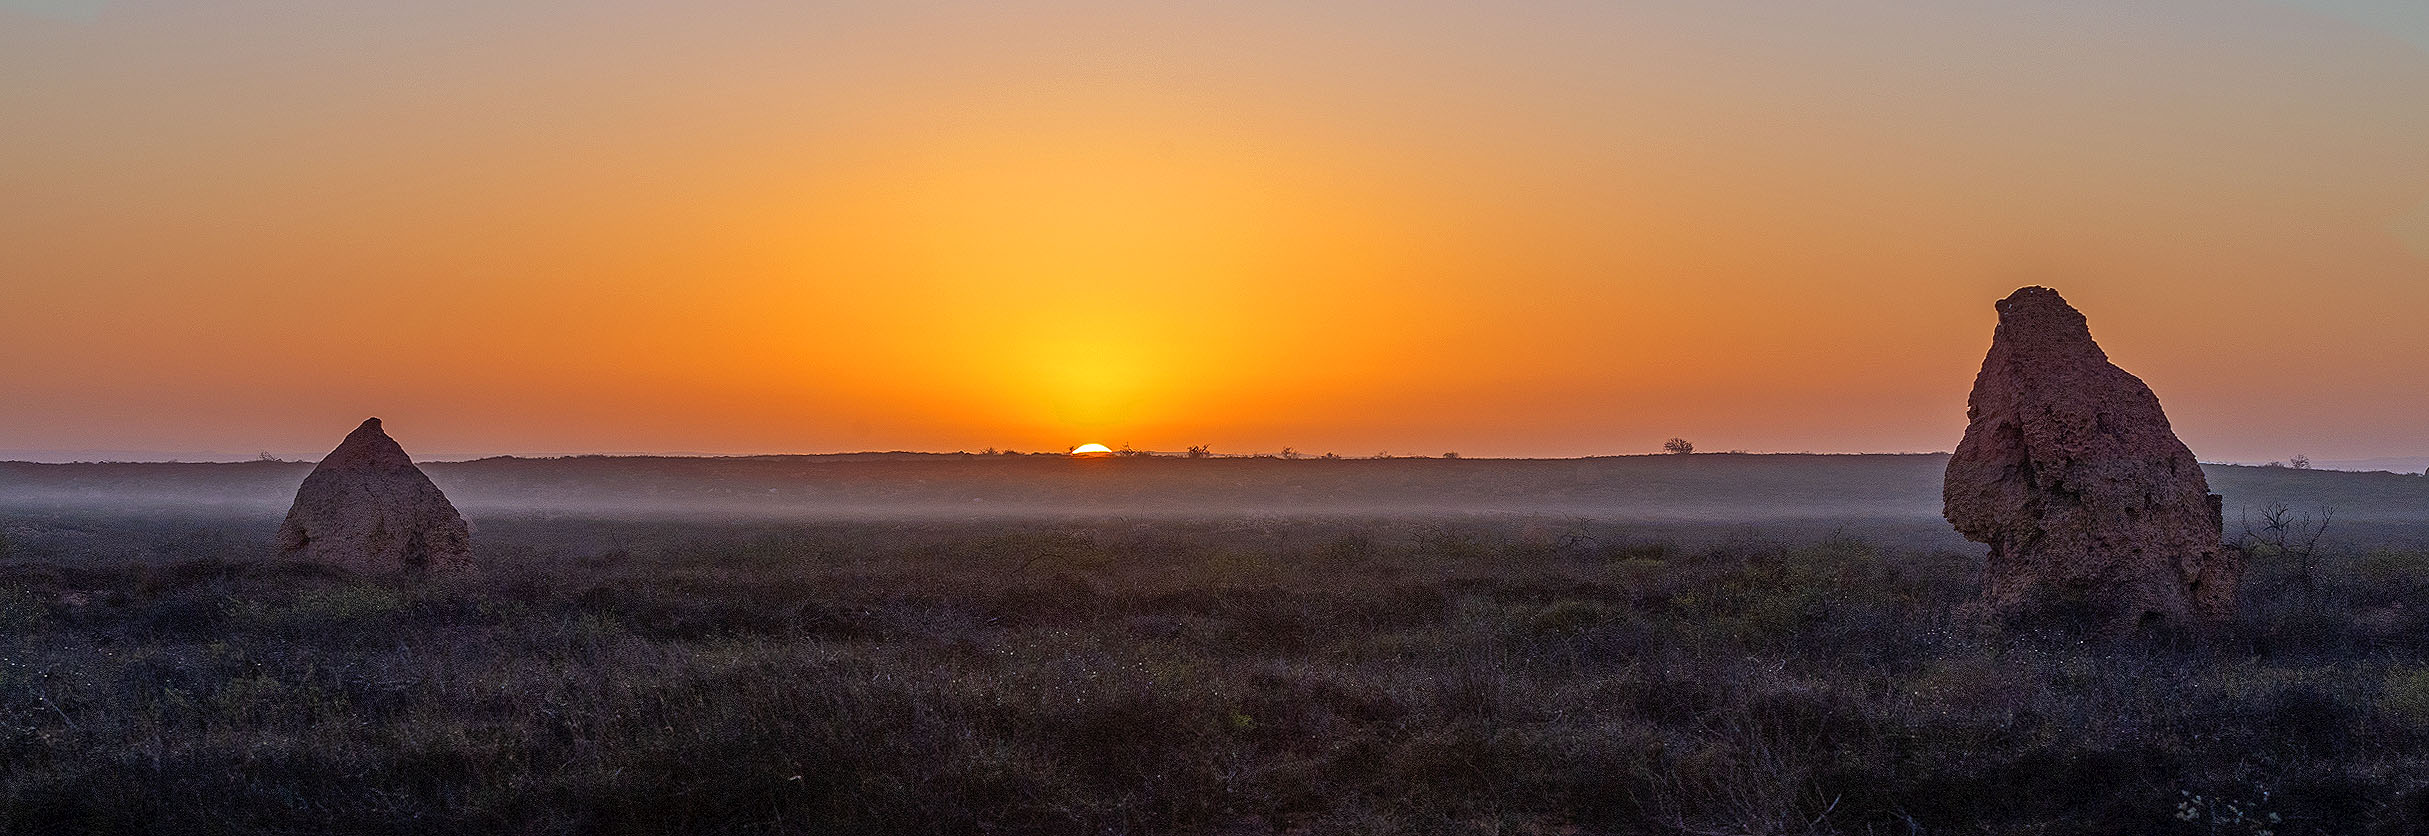 s sunrise 0159